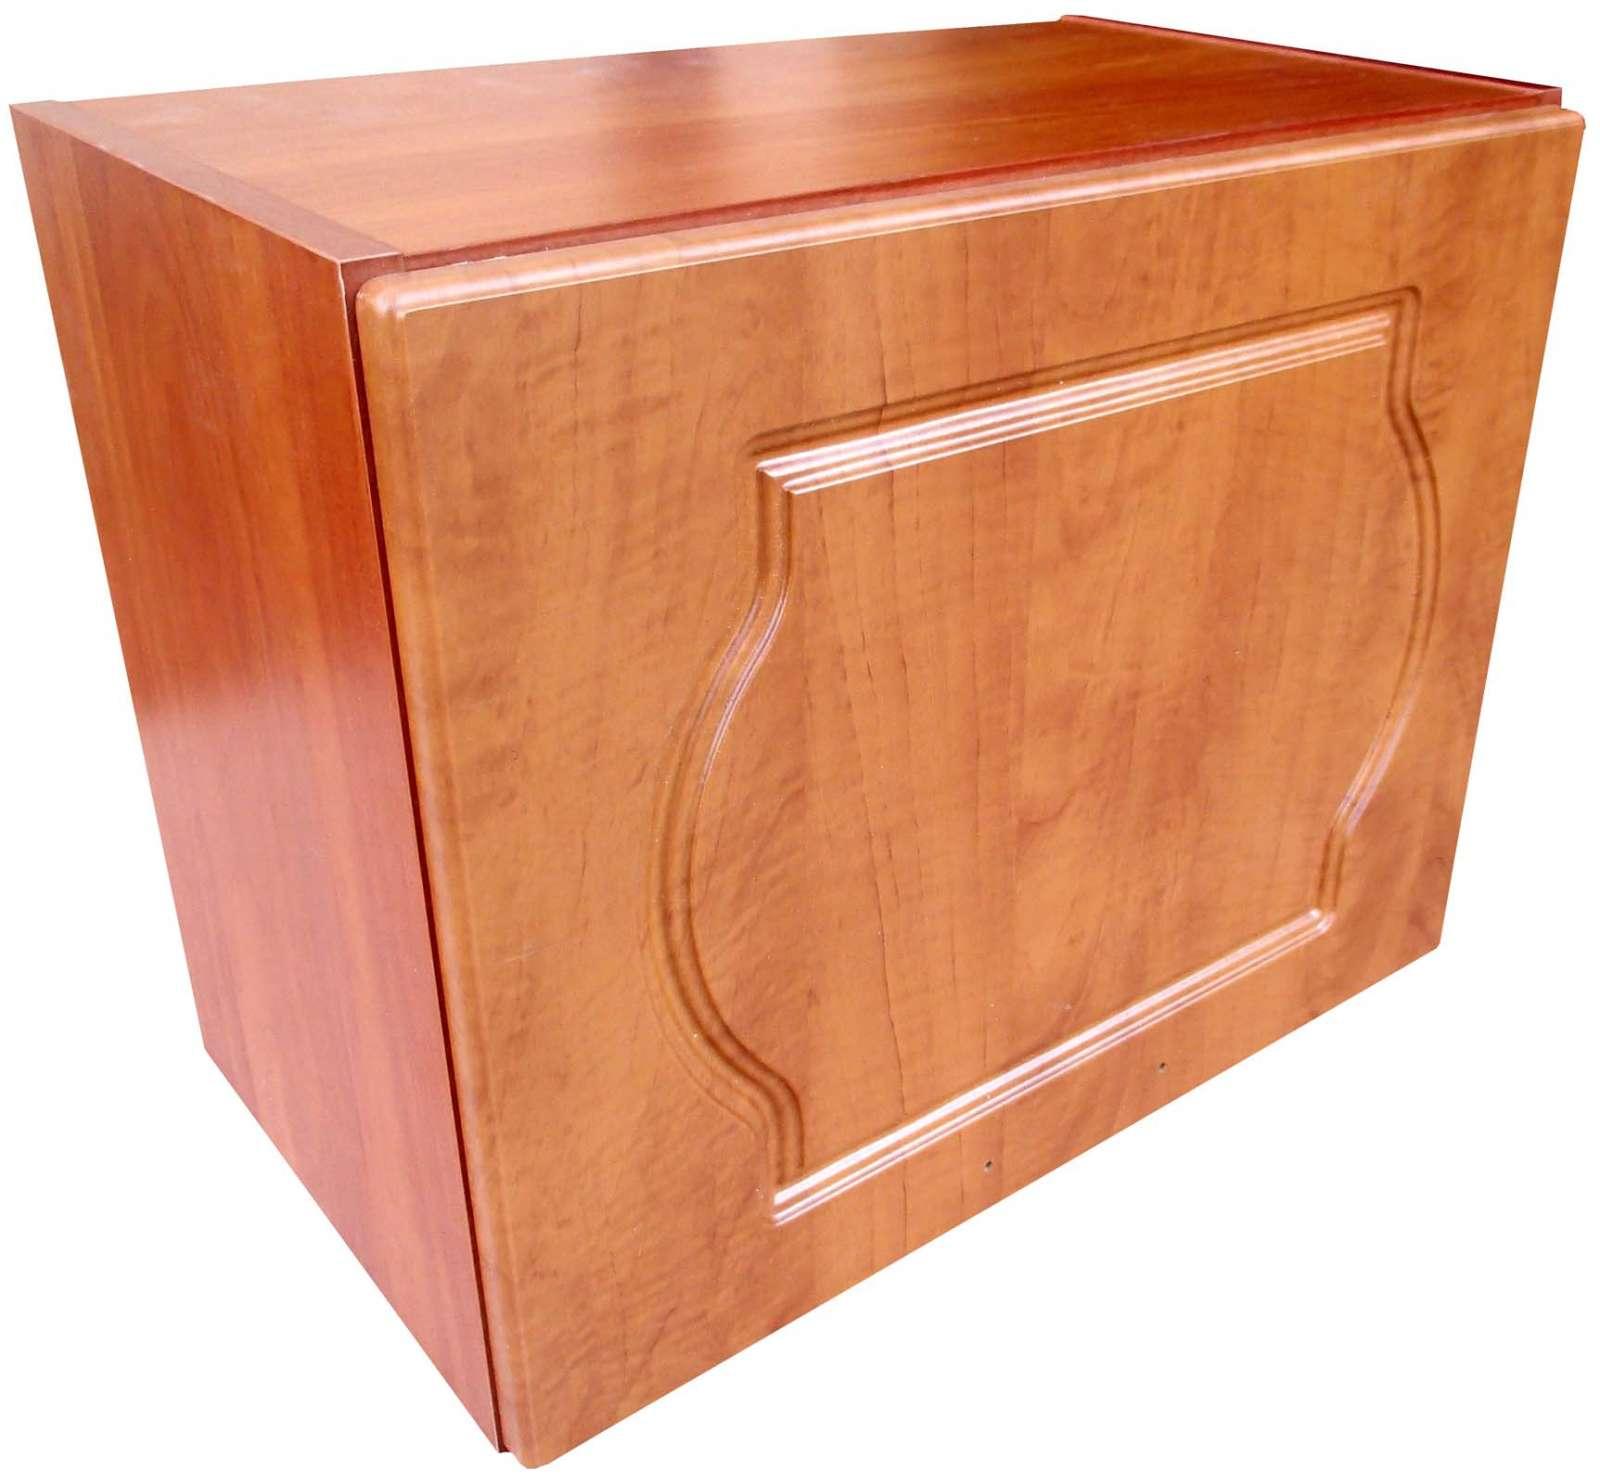 Výklopná kuchyňská skříňka 50 cm kalvádos